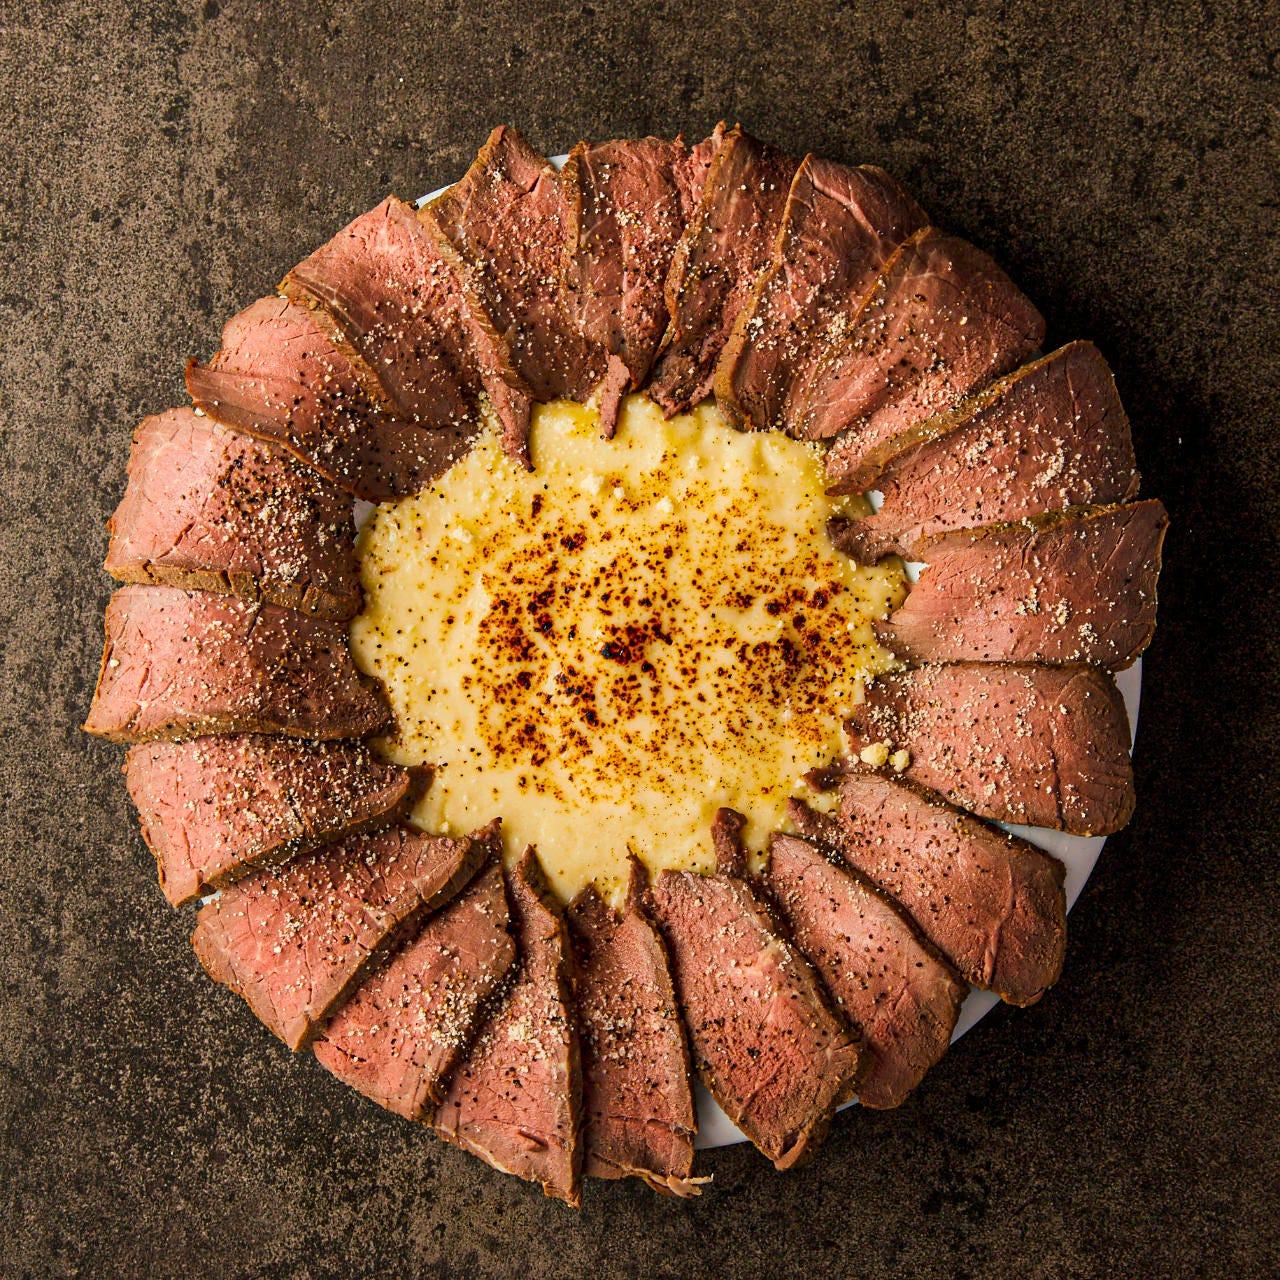 旨味たっぷりのお肉や濃厚チーズを心ゆくまでご堪能ください♪